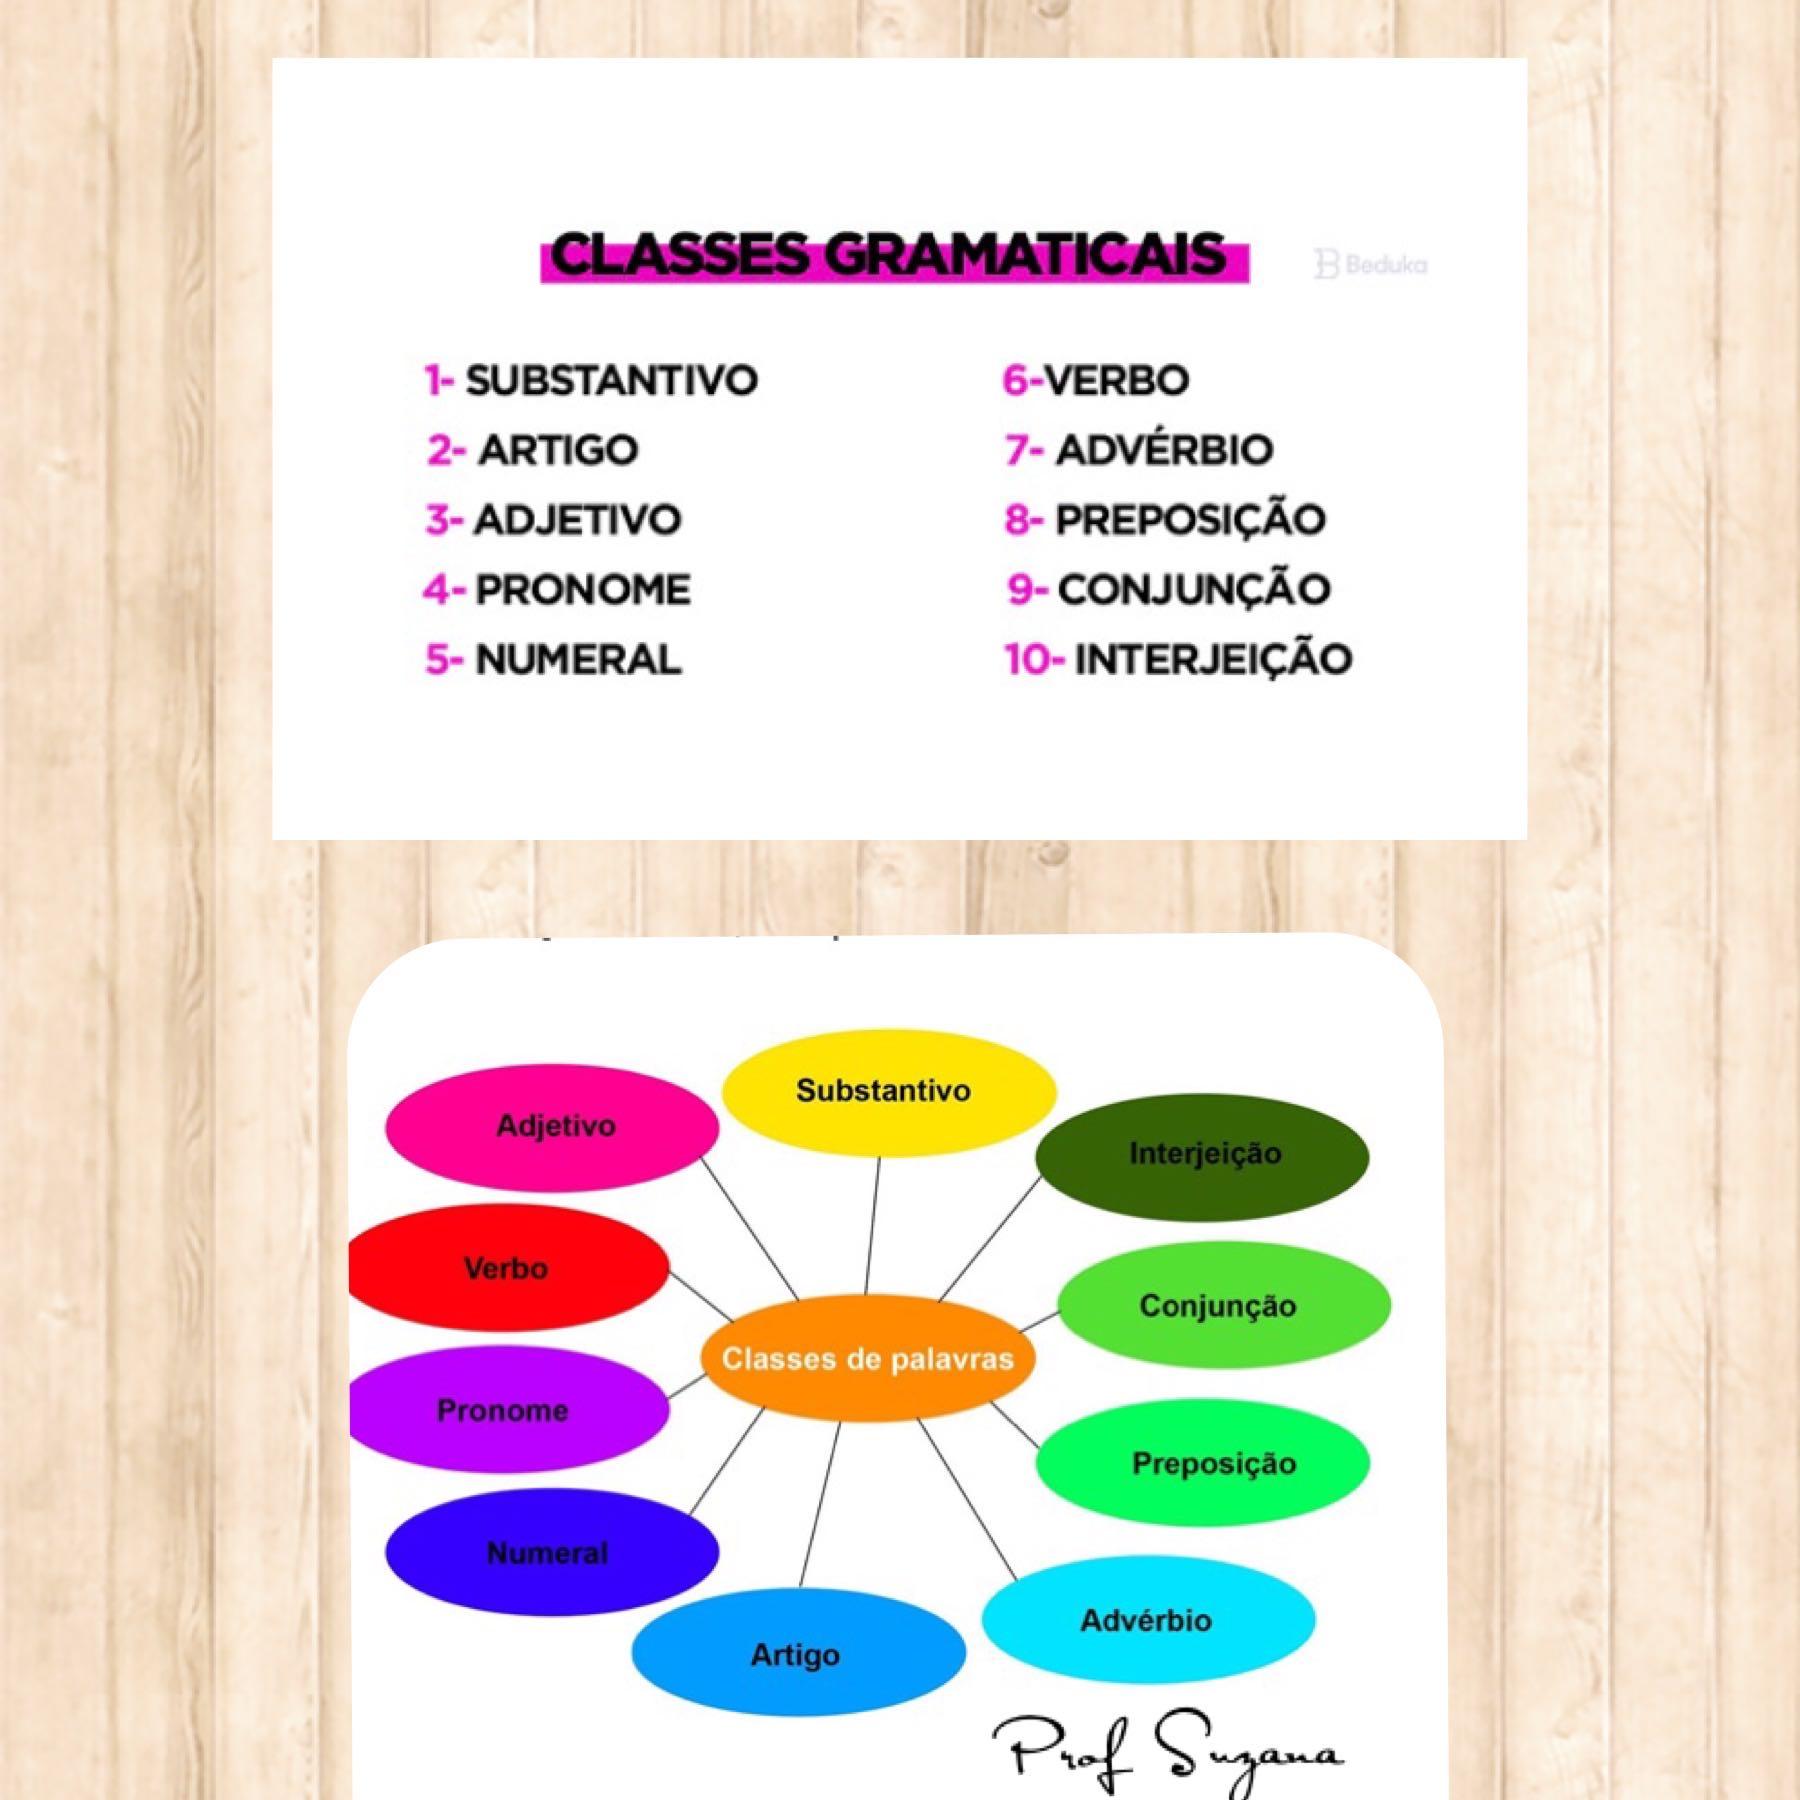 Mapa mental das classes gramaticais